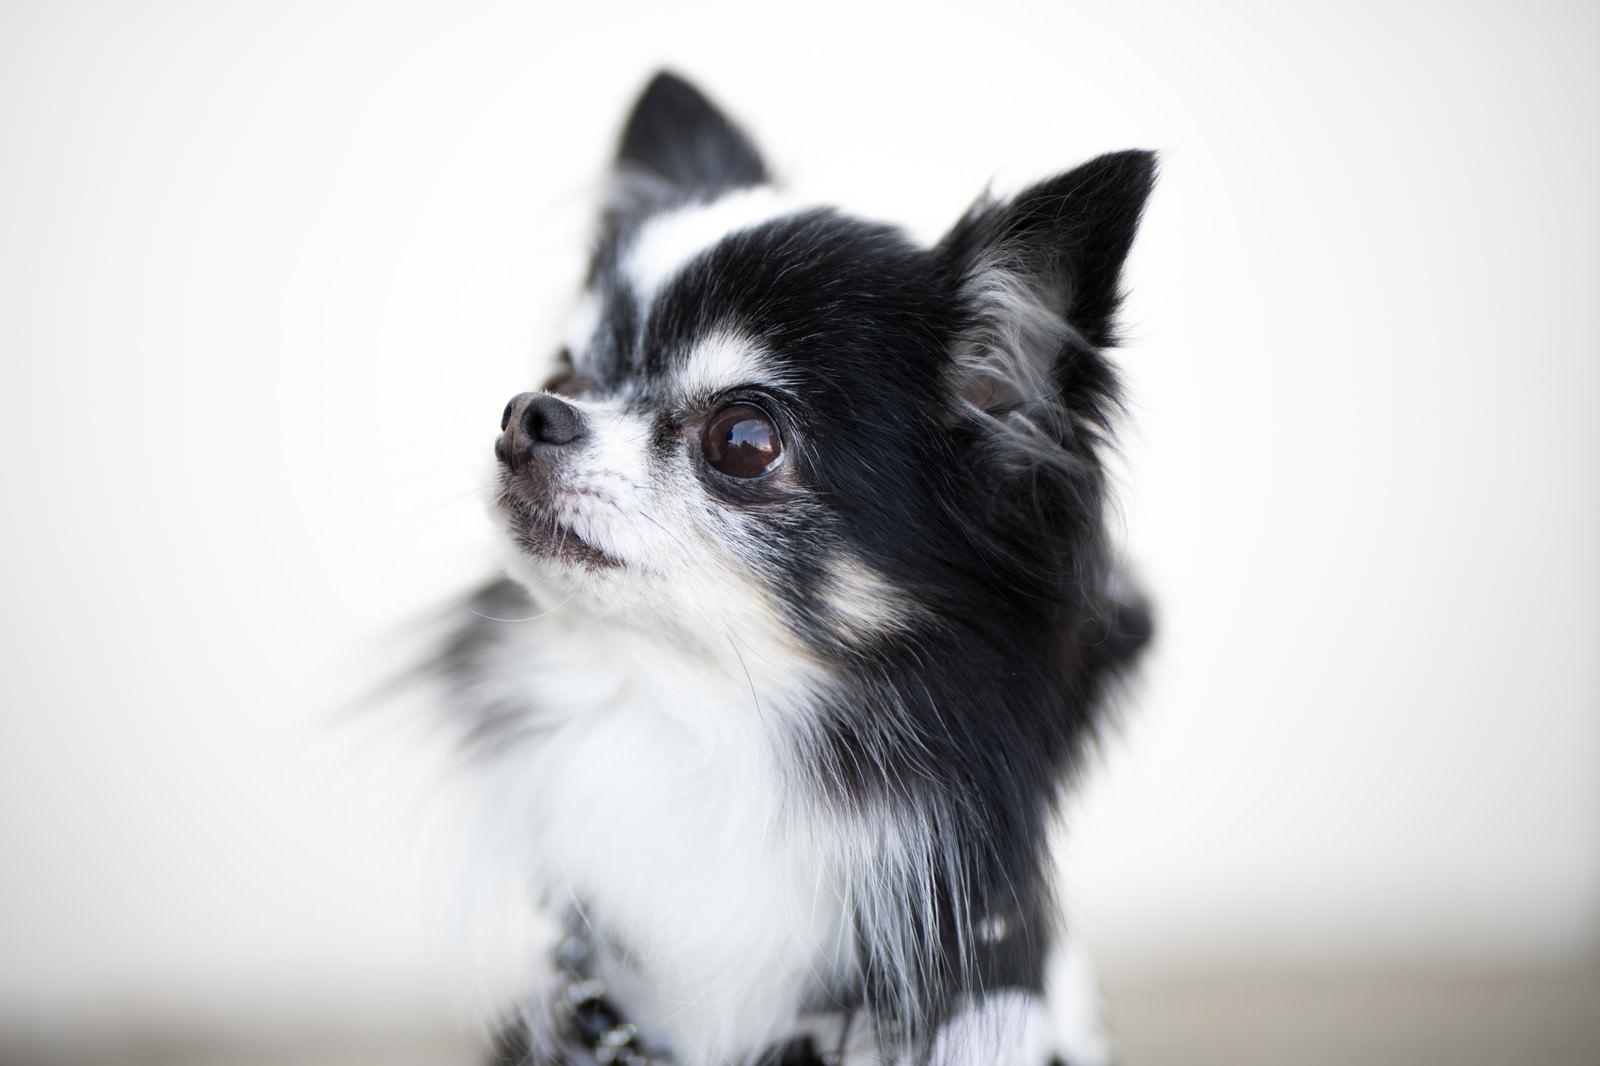 小型犬 チワワ の愛くるしい表情 無料の写真素材はフリー素材のぱくたそ